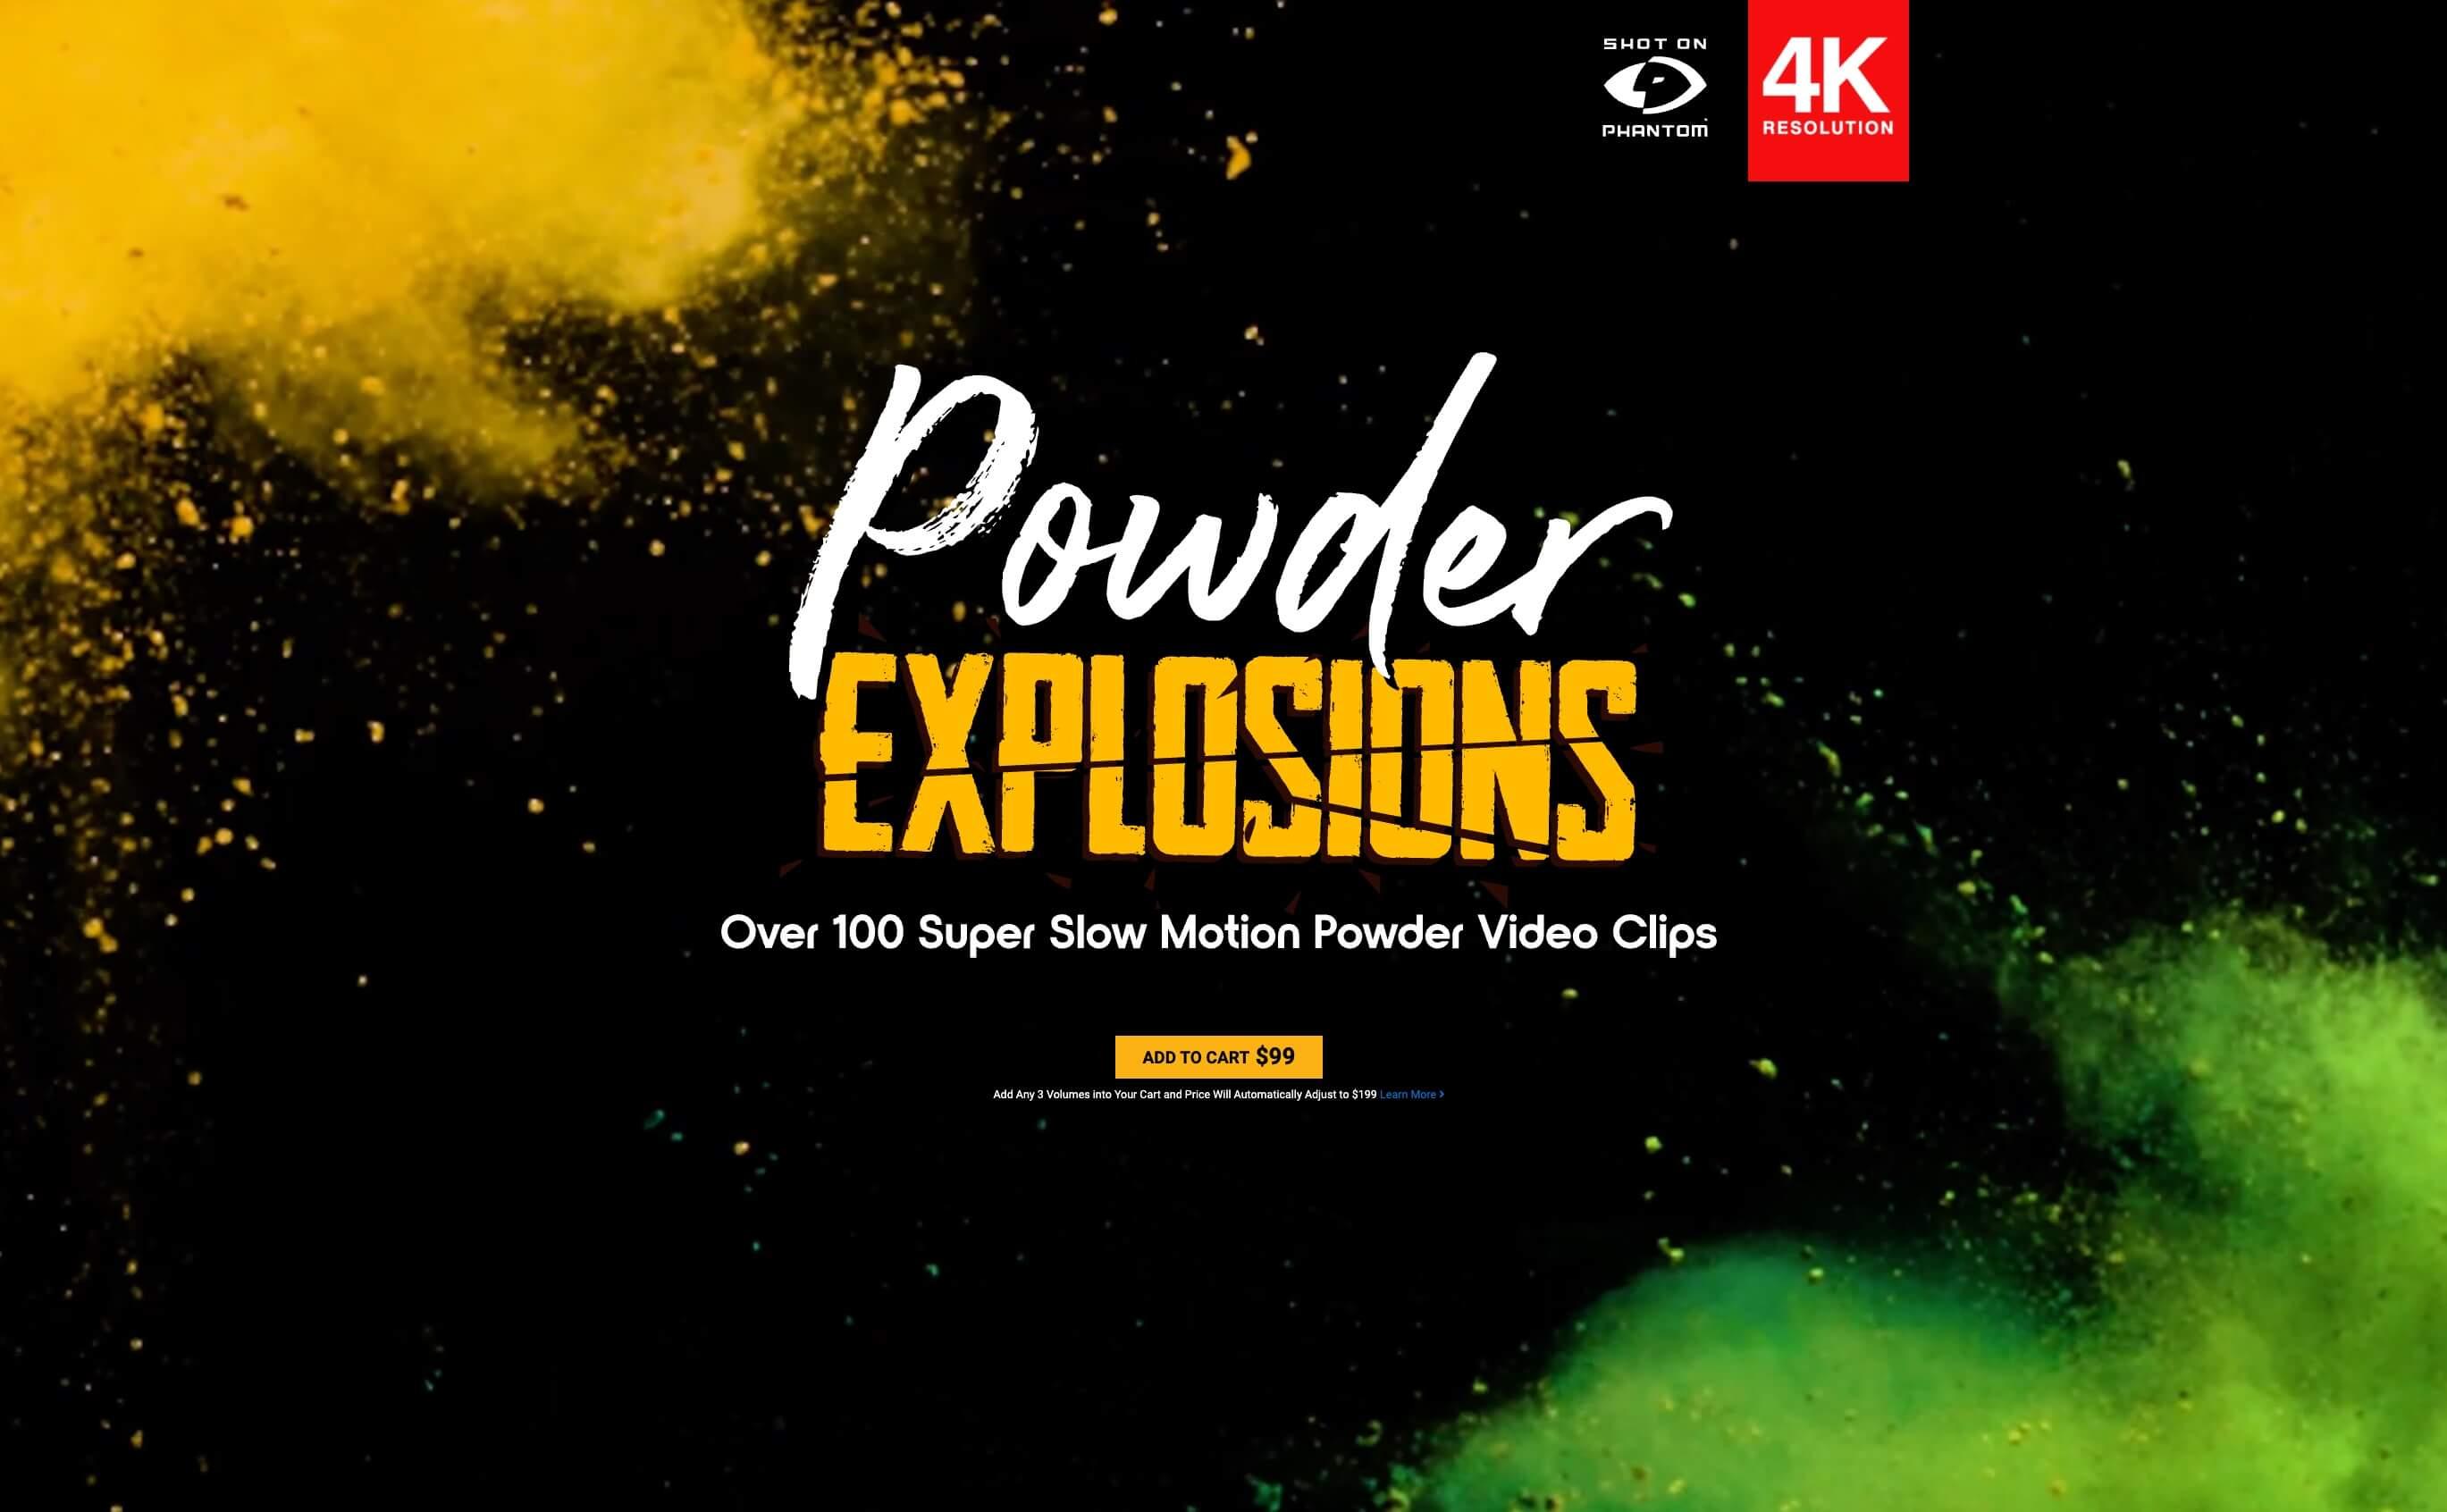 108个4K彩色粉末慢动作爆炸飞散动画 特效合成素材 Powder Explosions BBV08